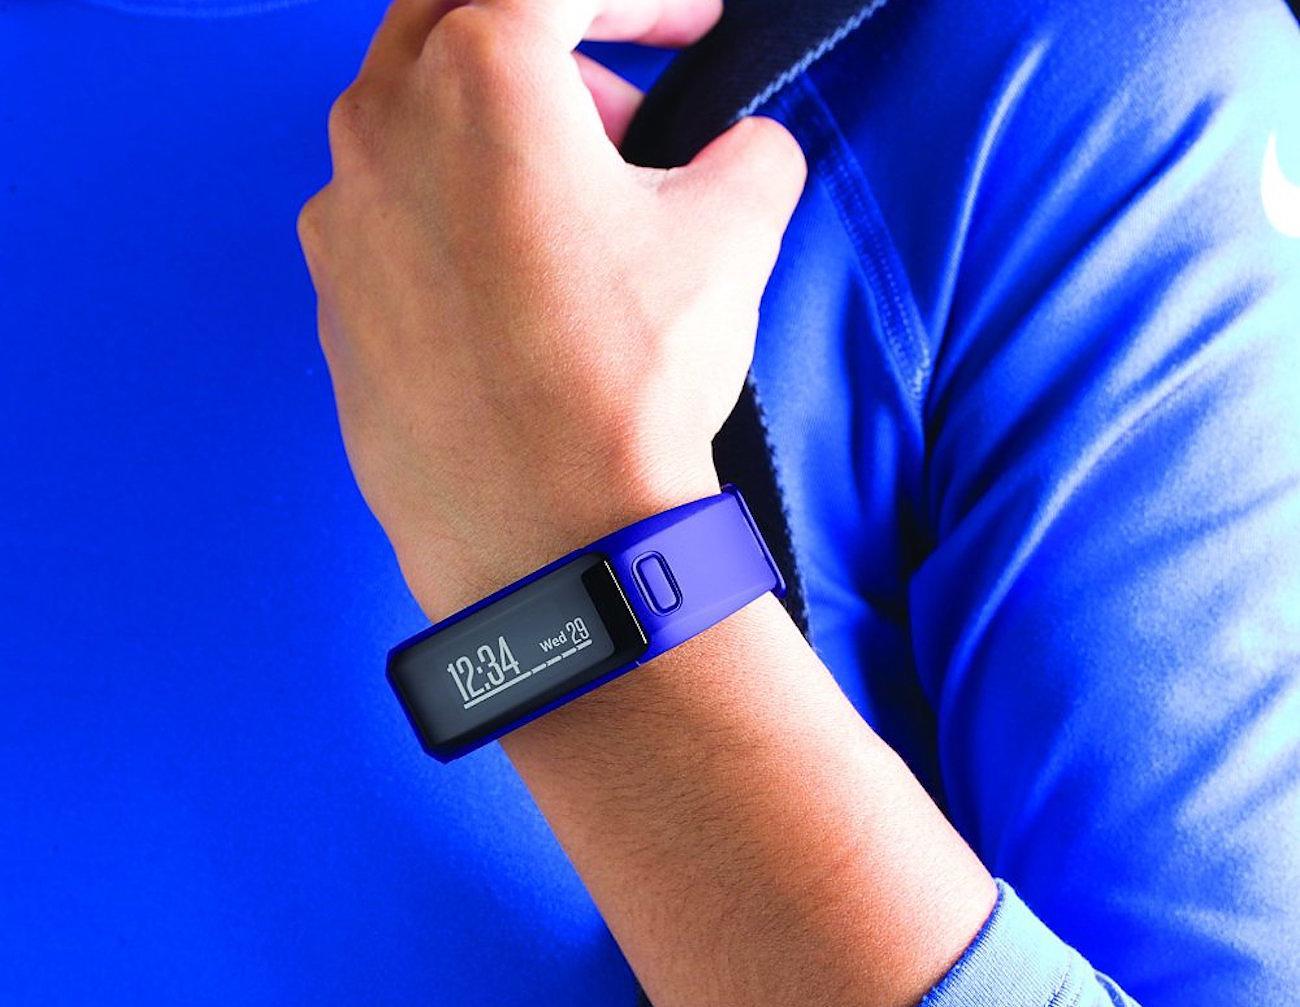 Garmin vívosmart HR+ Activity Tracker